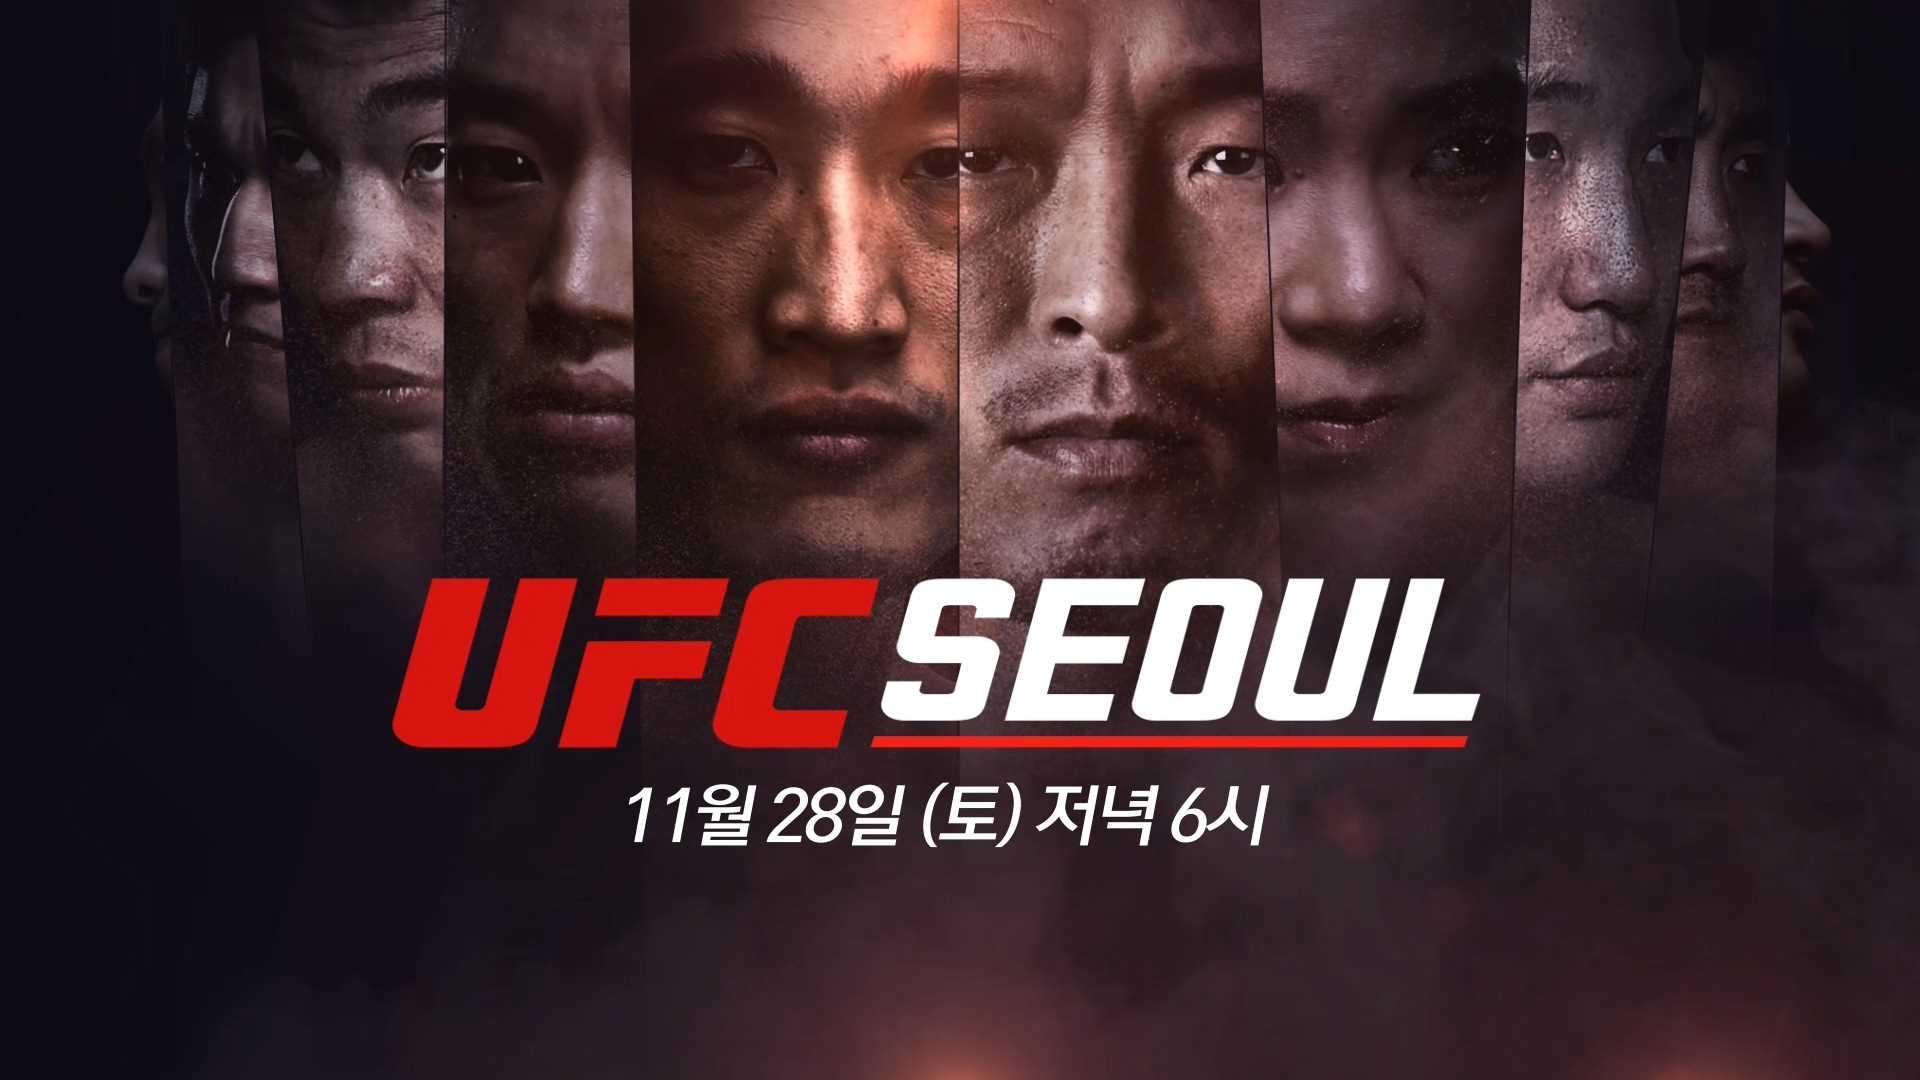 UFC in Seoul